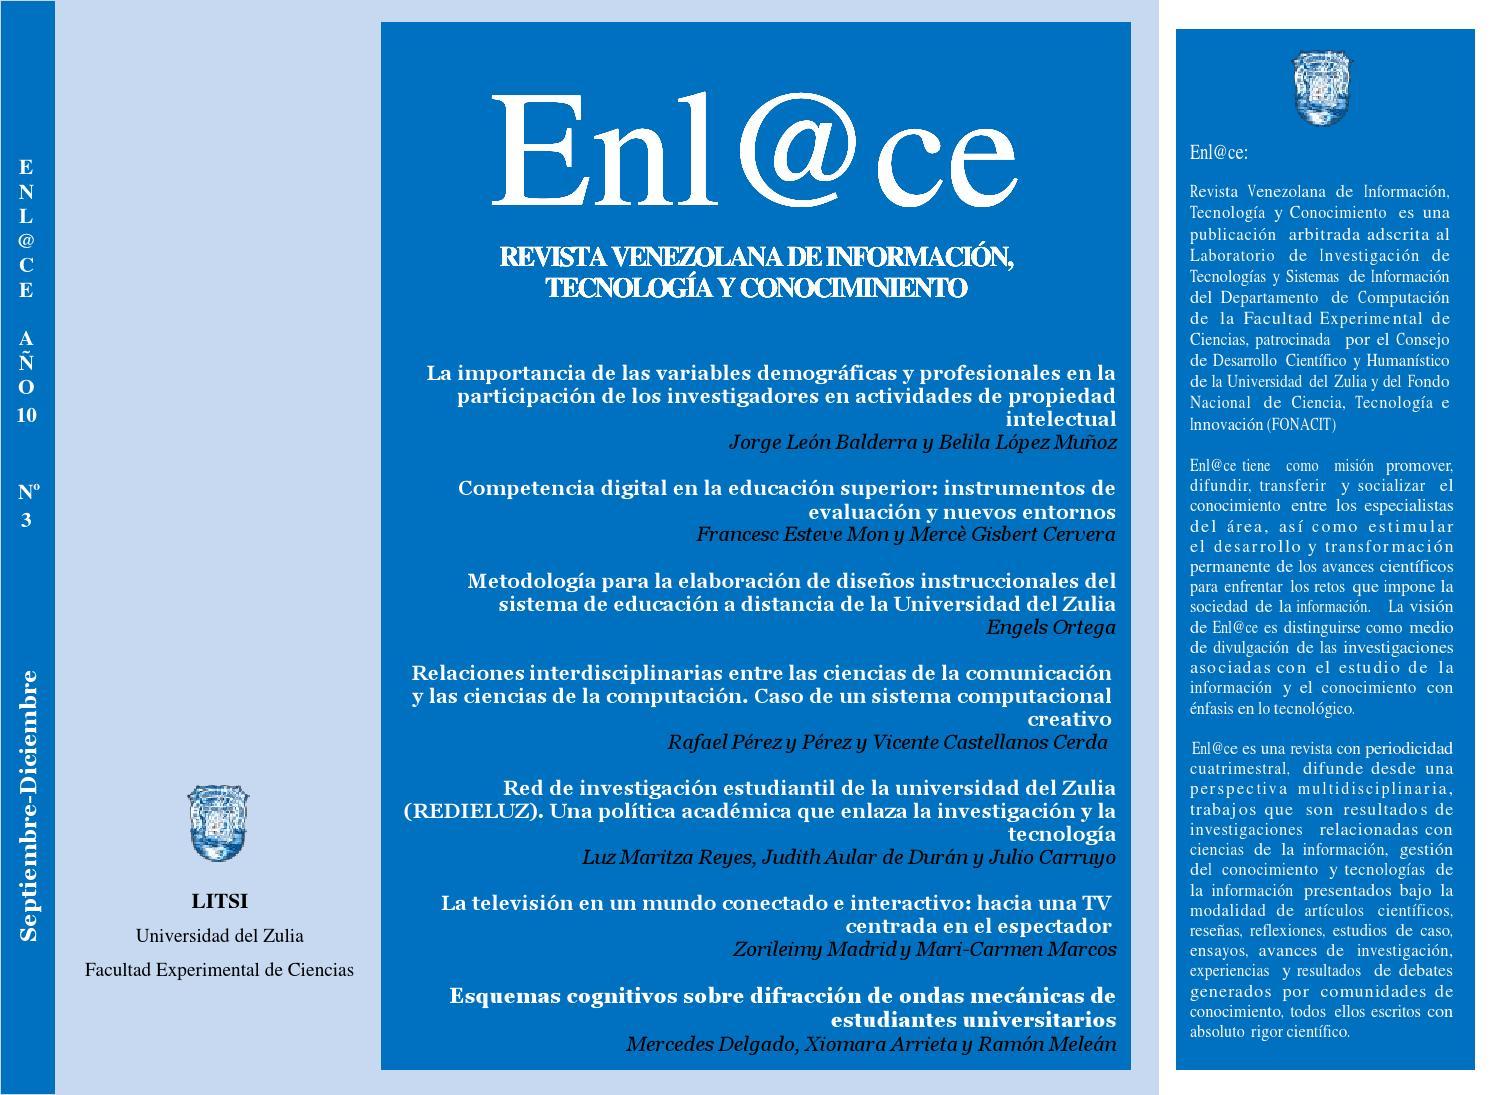 Enl@ce: Revista Venezolana de Información, Tecnología y Conocimiento ...